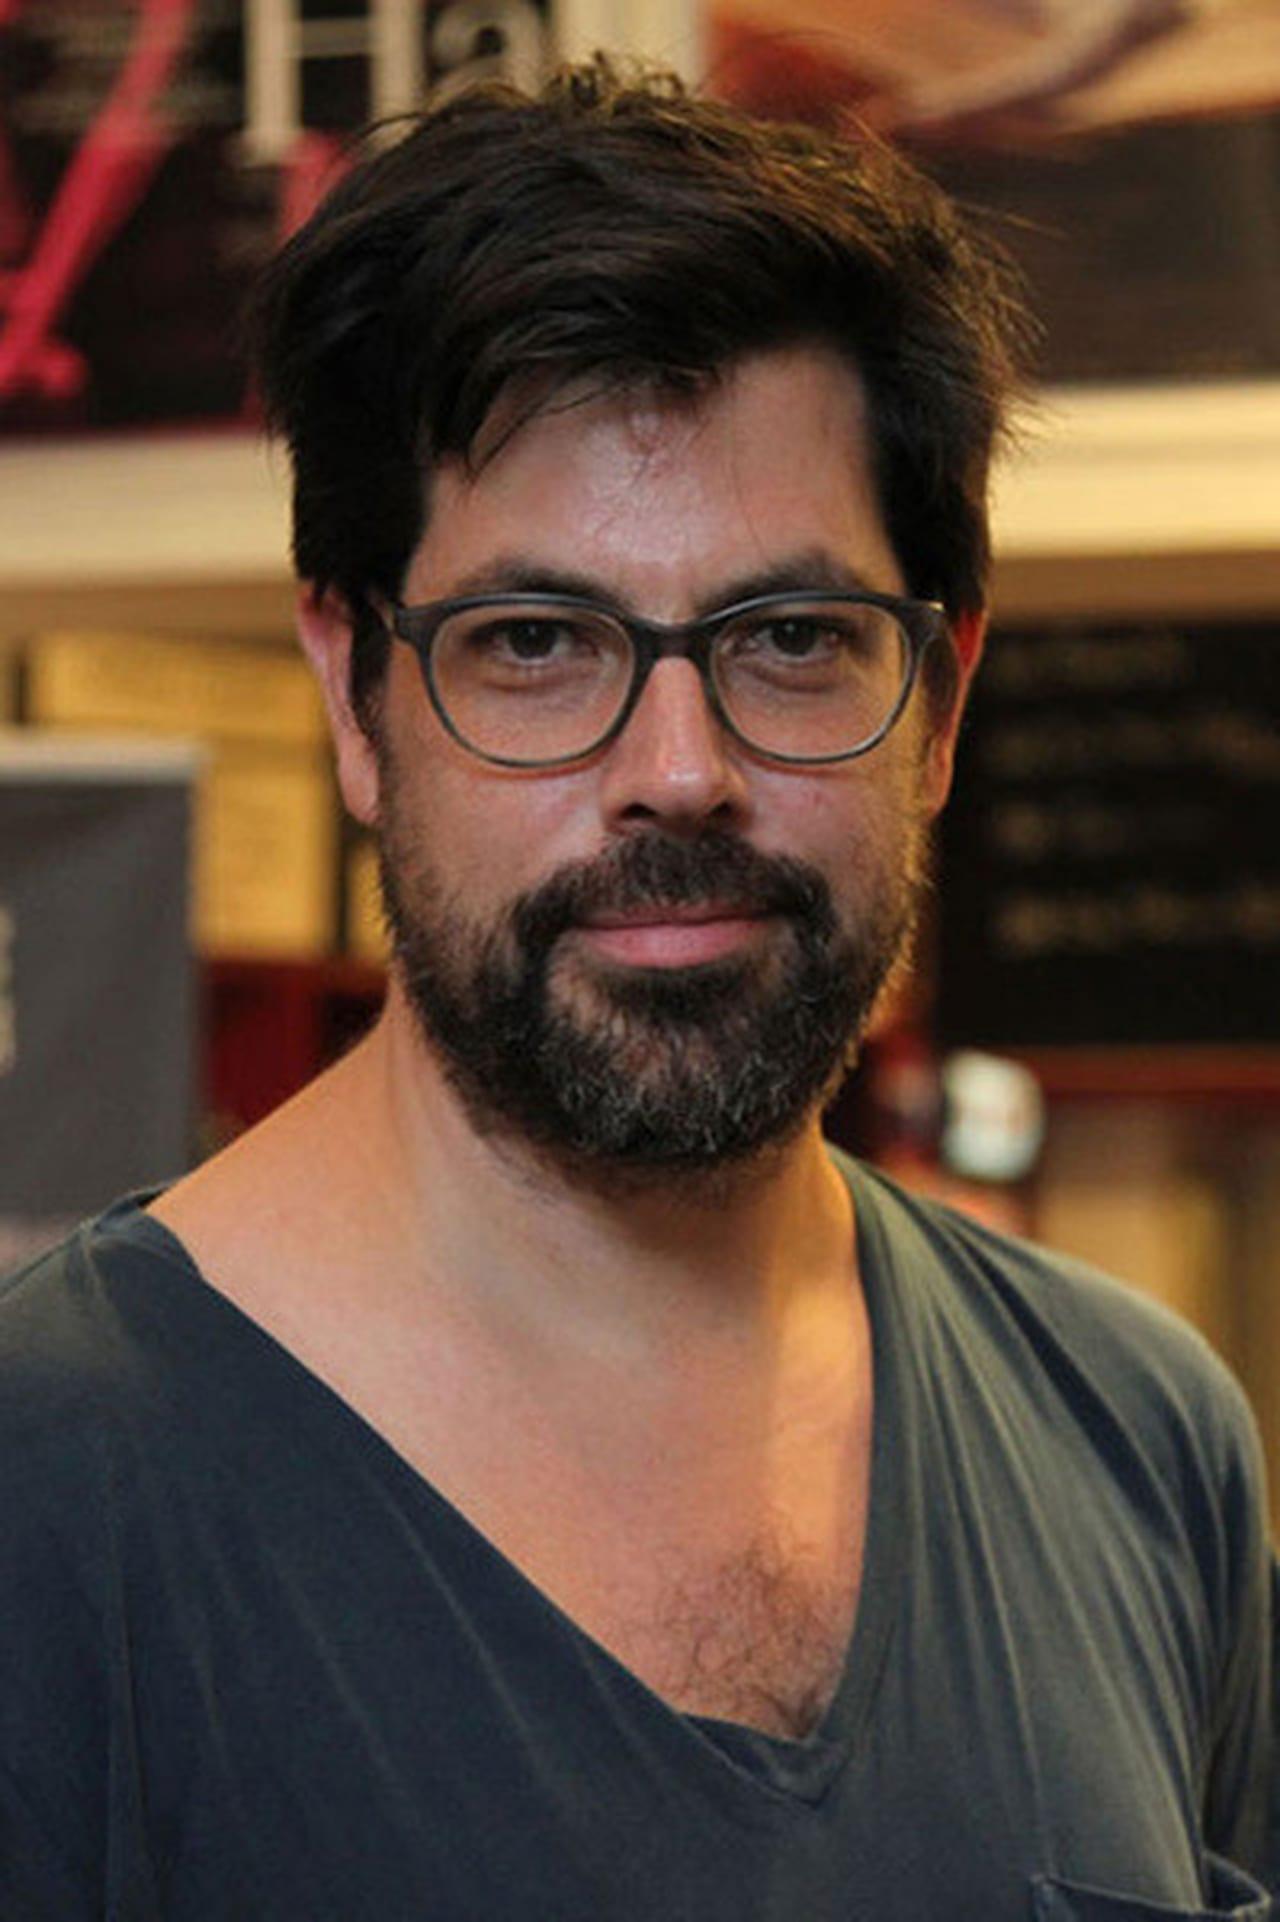 Nicolas Wackerbarth